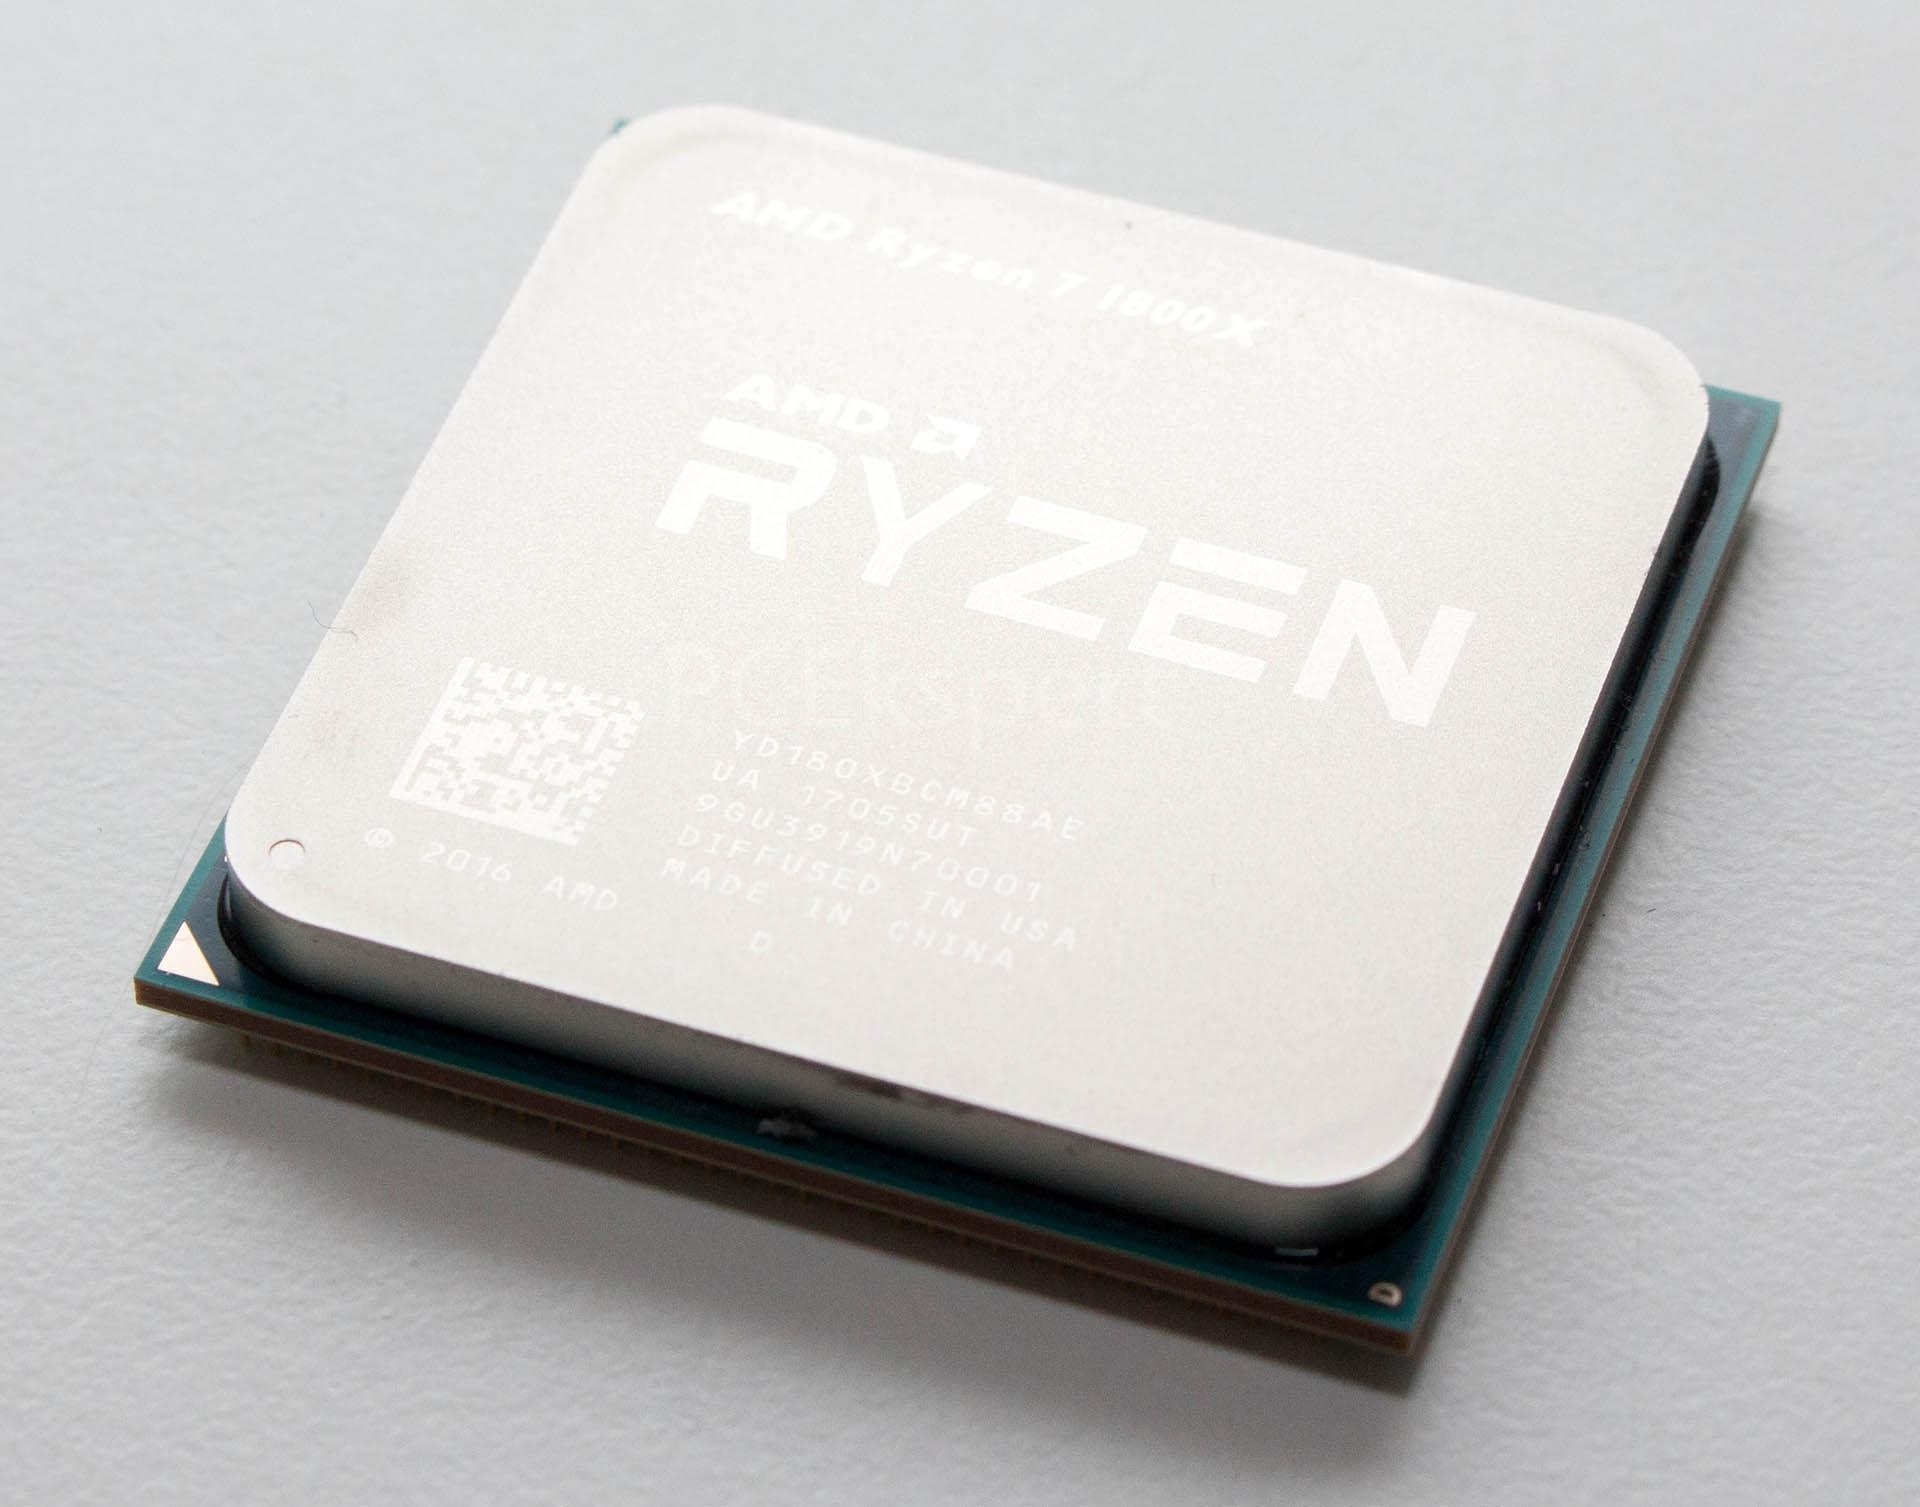 AMD Ryzen 7 1800X recenzija